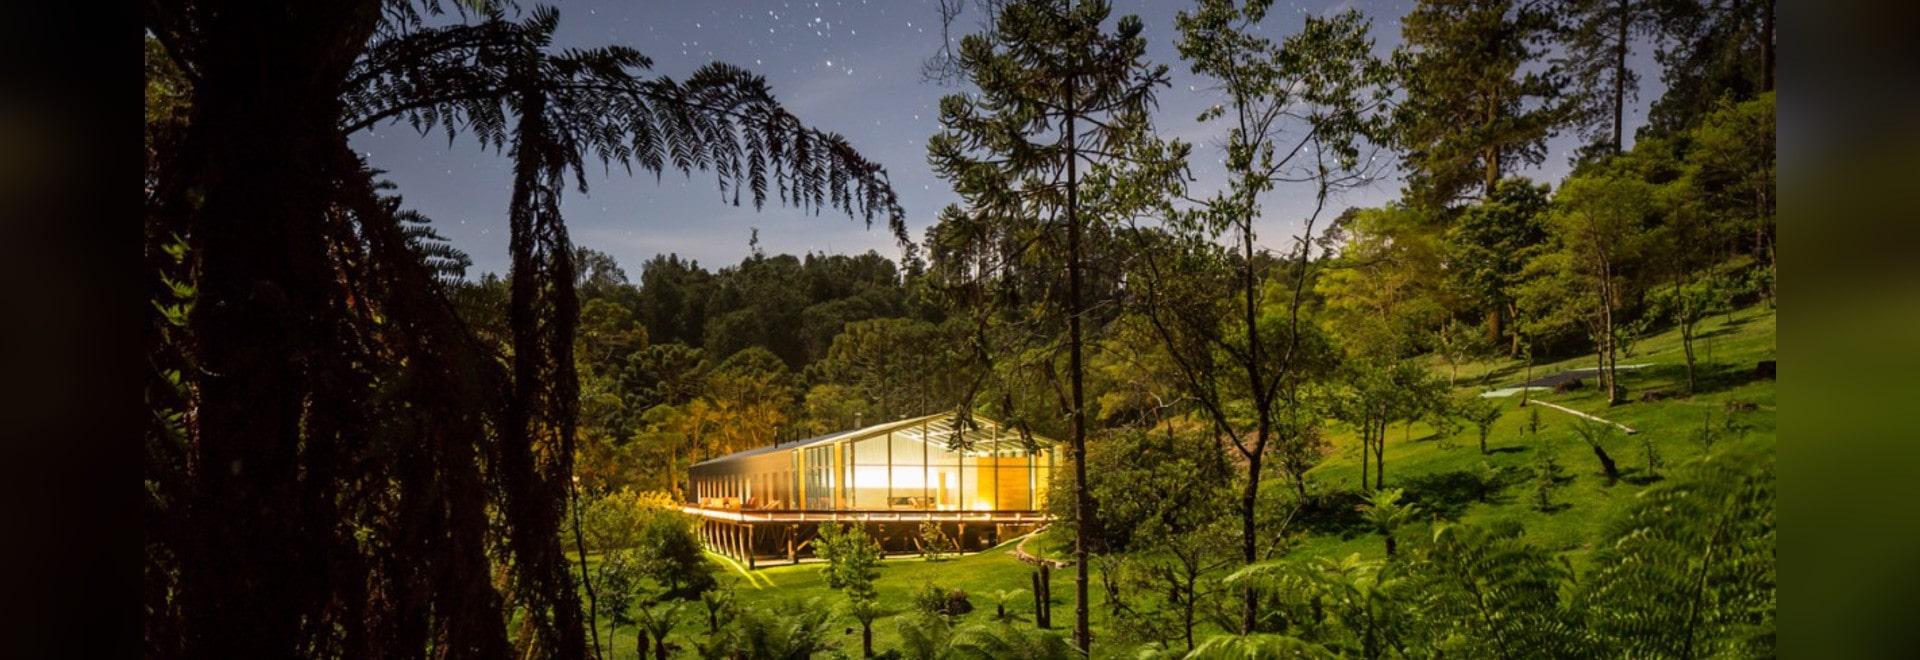 La maison Mororó par Studio MK27 est une mètre-longue maison 65 au Brésil rural